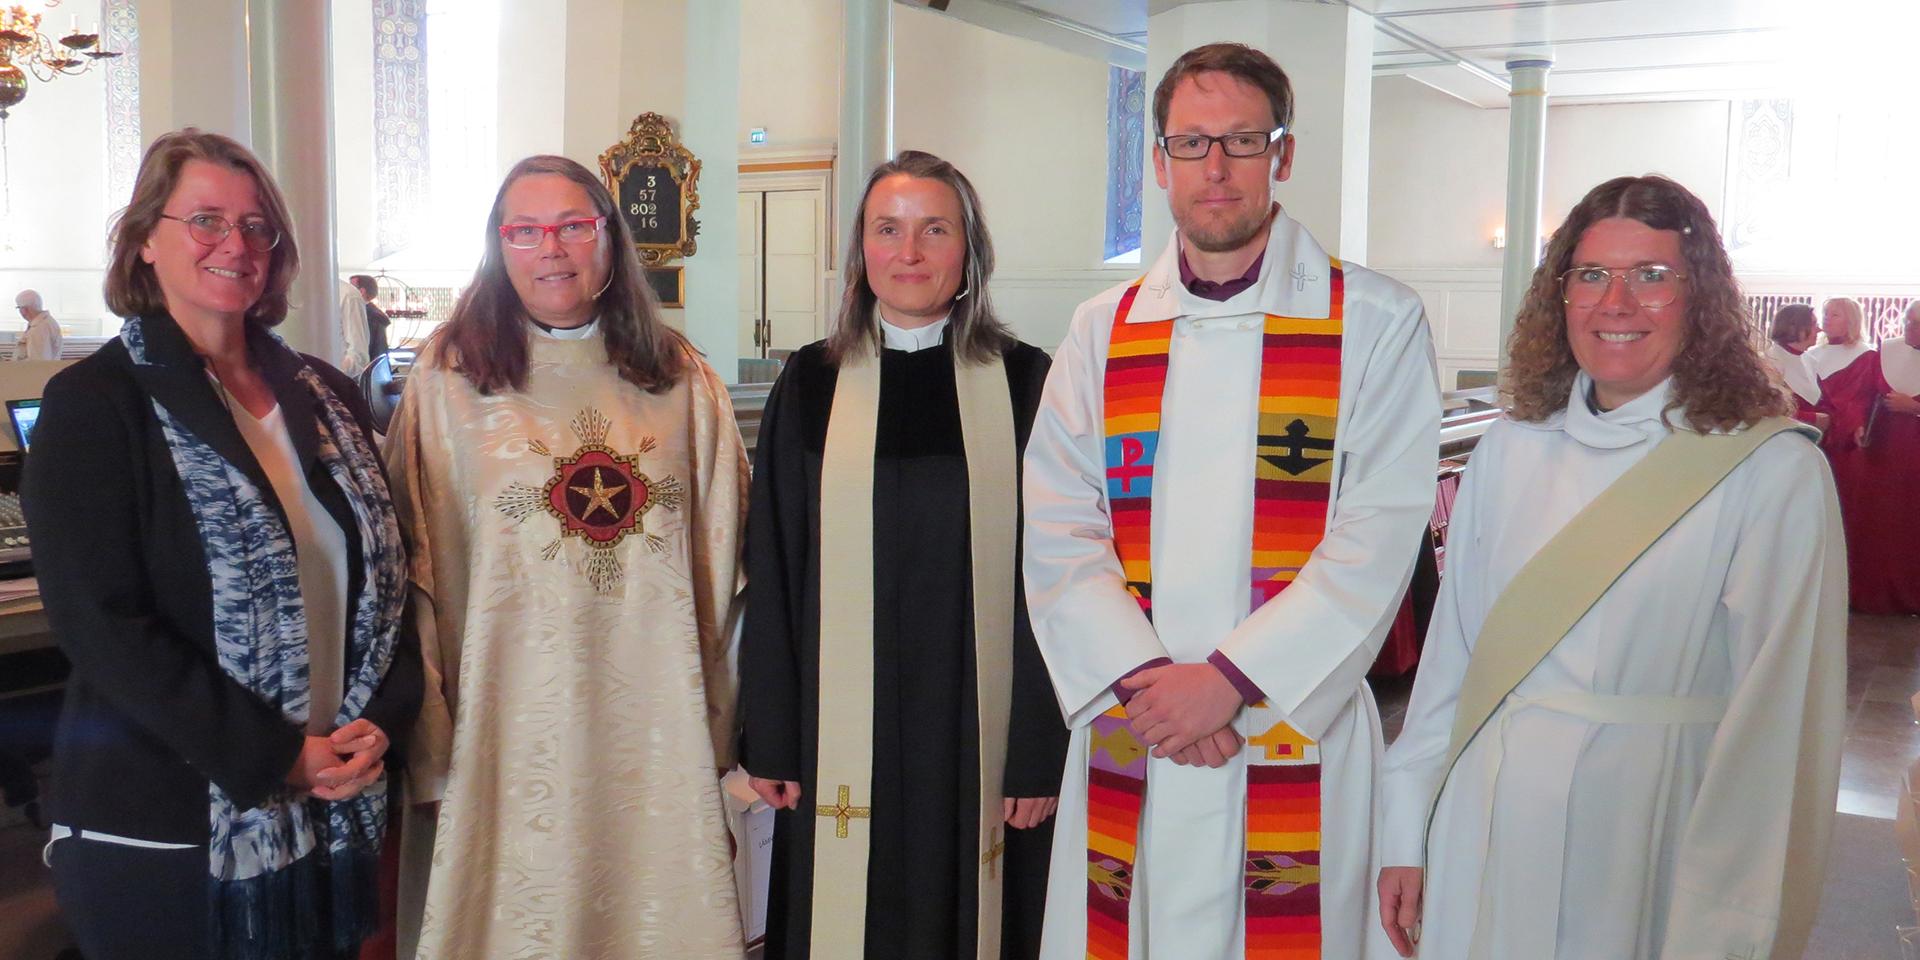 Ein Team aus dem Dekanat Neu-Ulm bei einem Besuch in der Partnerdiözese Skara.